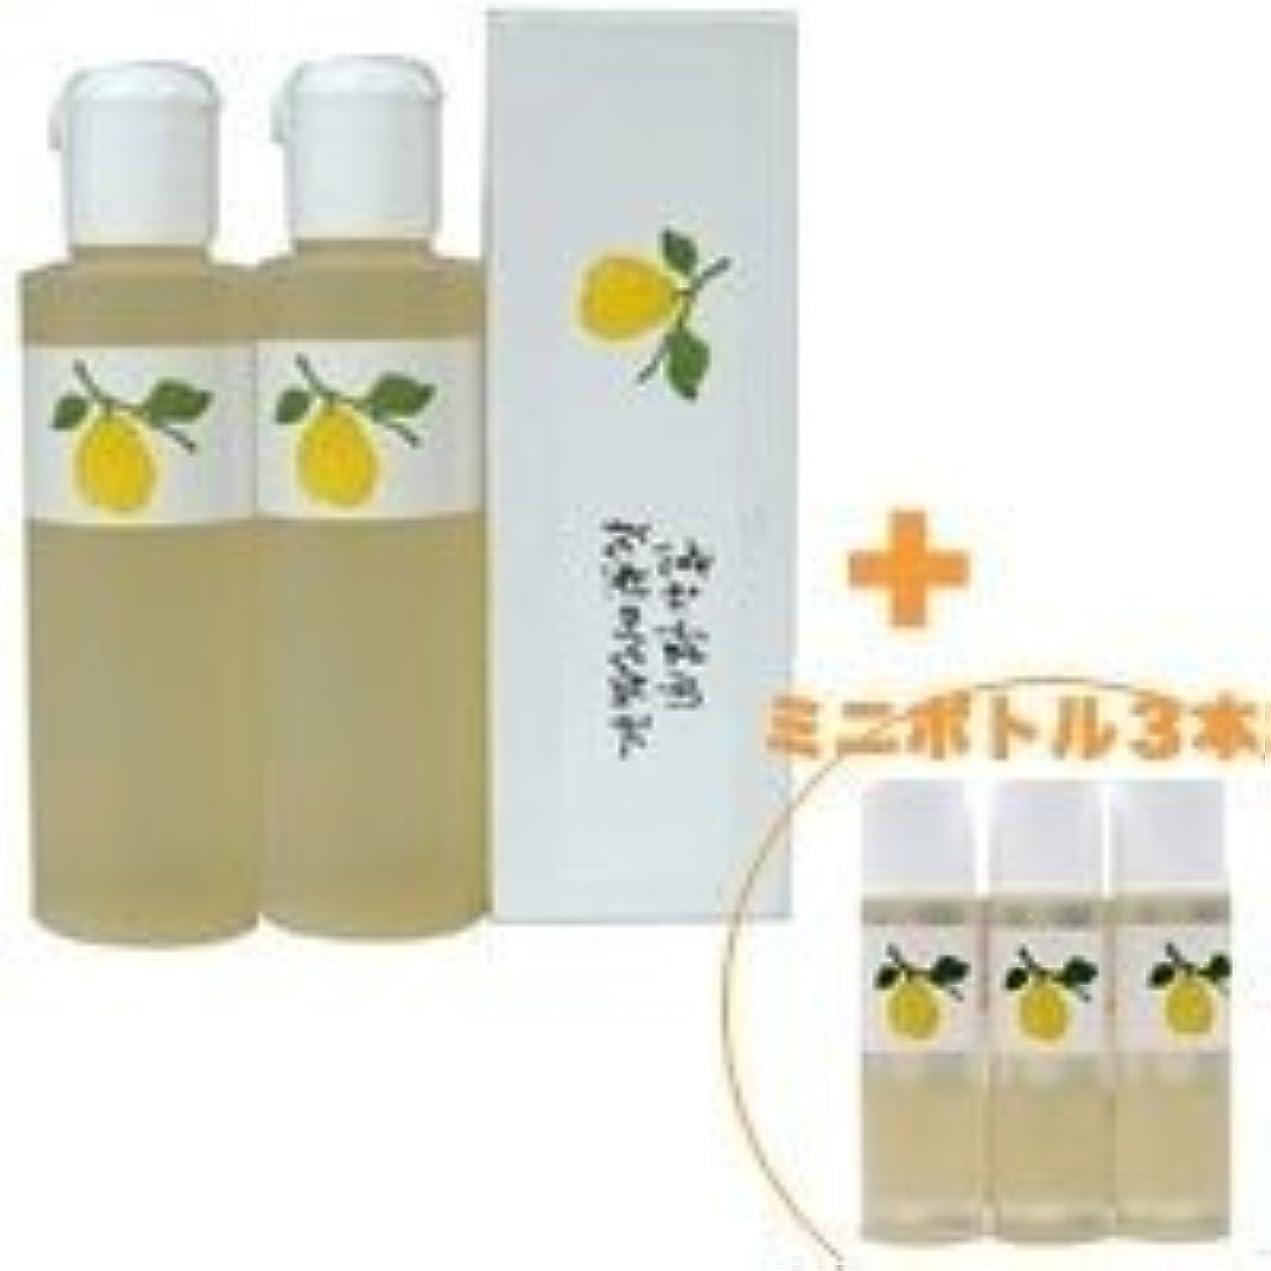 かまどどういたしまして先祖花梨の化粧水 200ml 2本&ミニボトル 3本 美容液 栄養クリームのいらないお肌へ 保湿と乾燥対策に